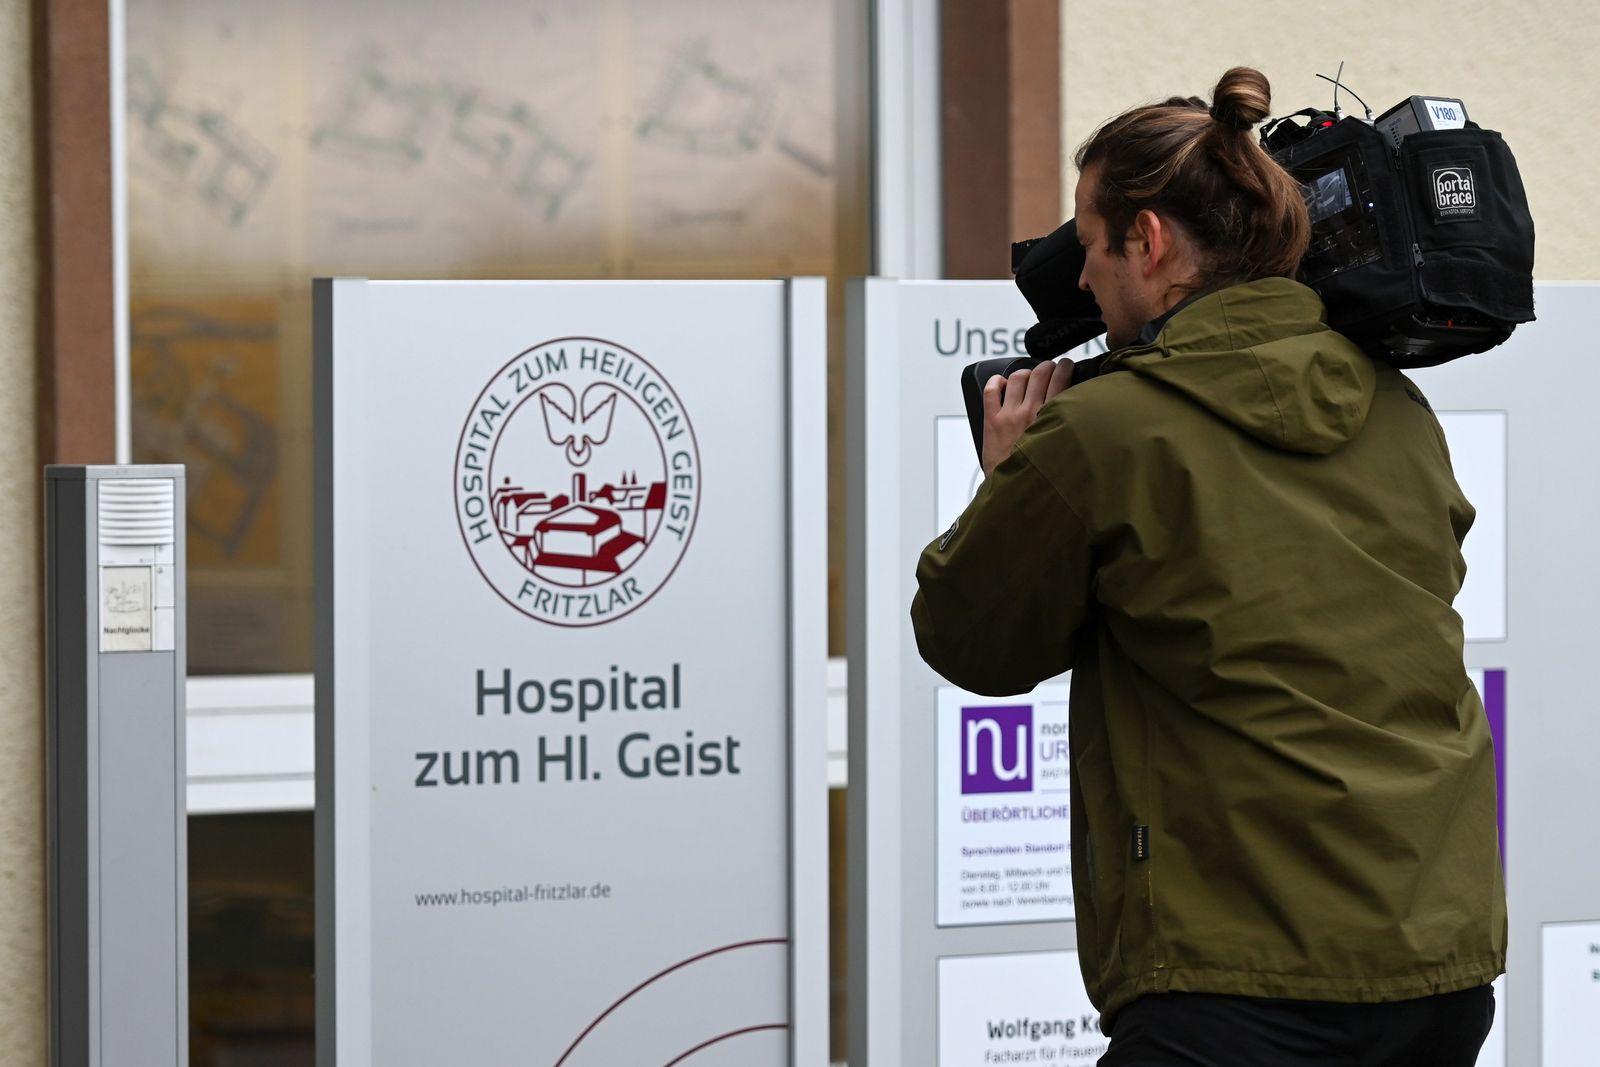 Vier Tote nach Betäubung durch mutmaßlich falsche Ärztin